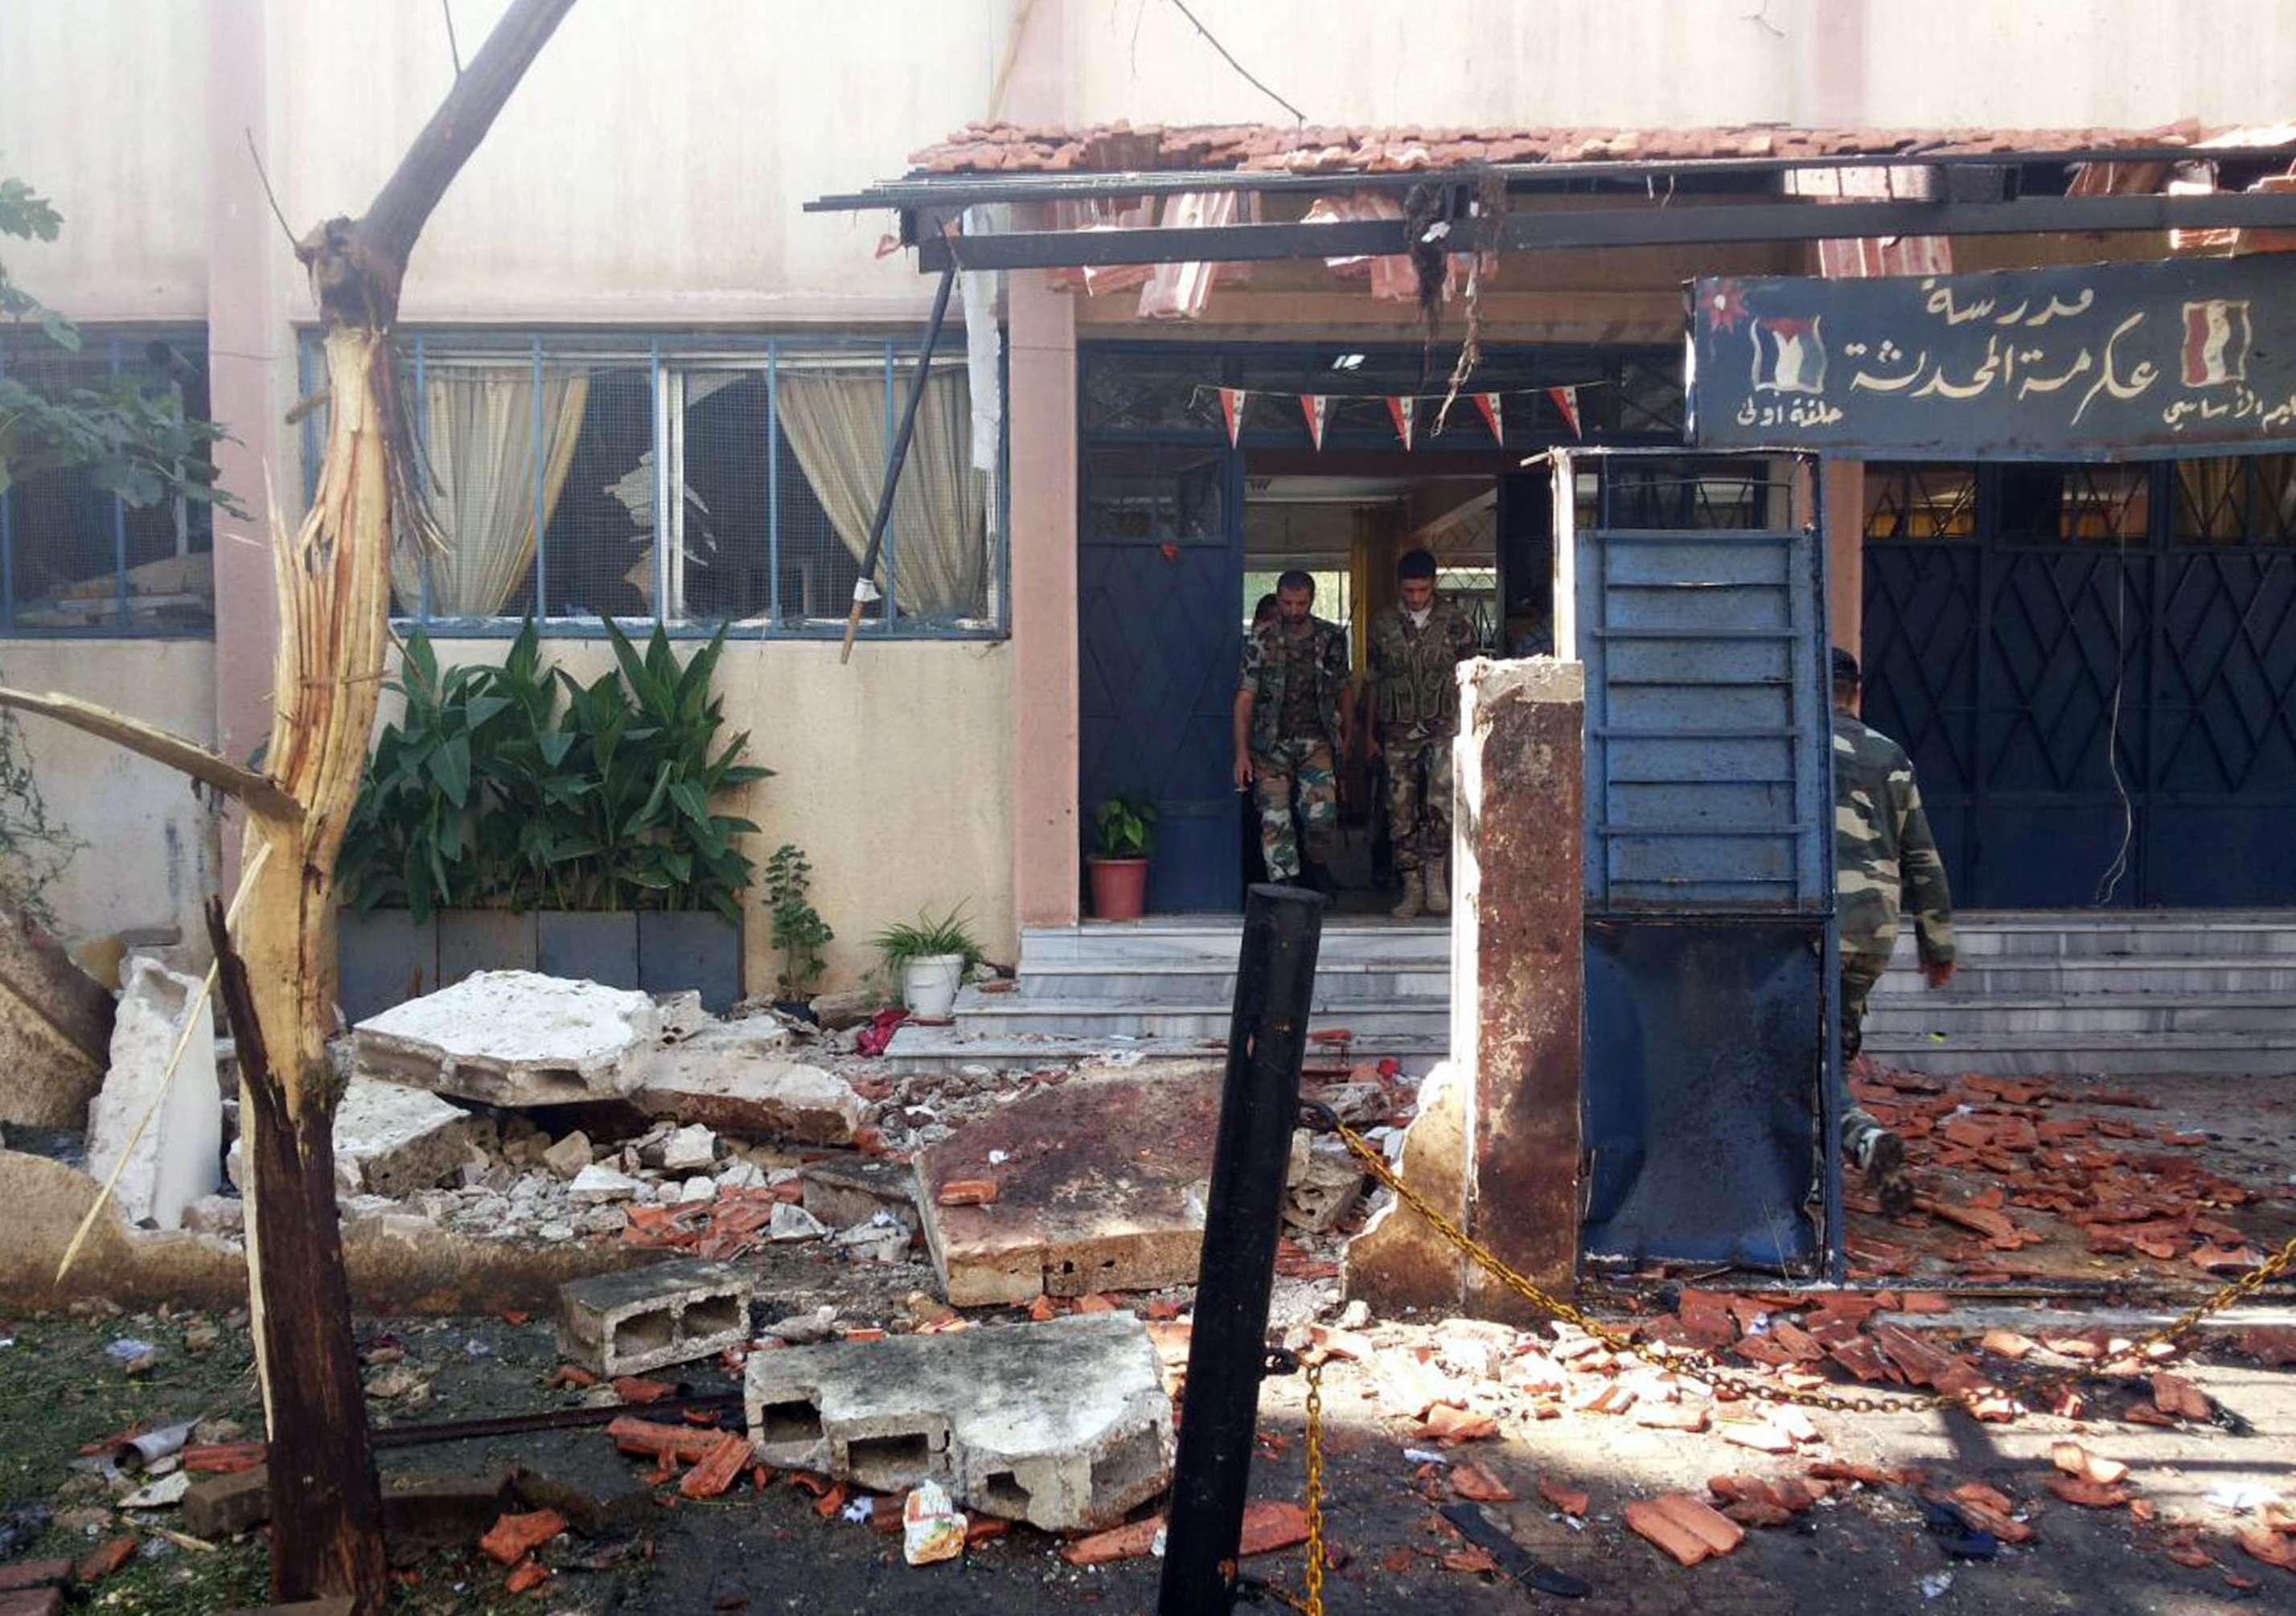 Polícia faz inspeção próximo de área onde dois carros-bombas explodiram nesta quarta-feira Foto: SANA/AFP